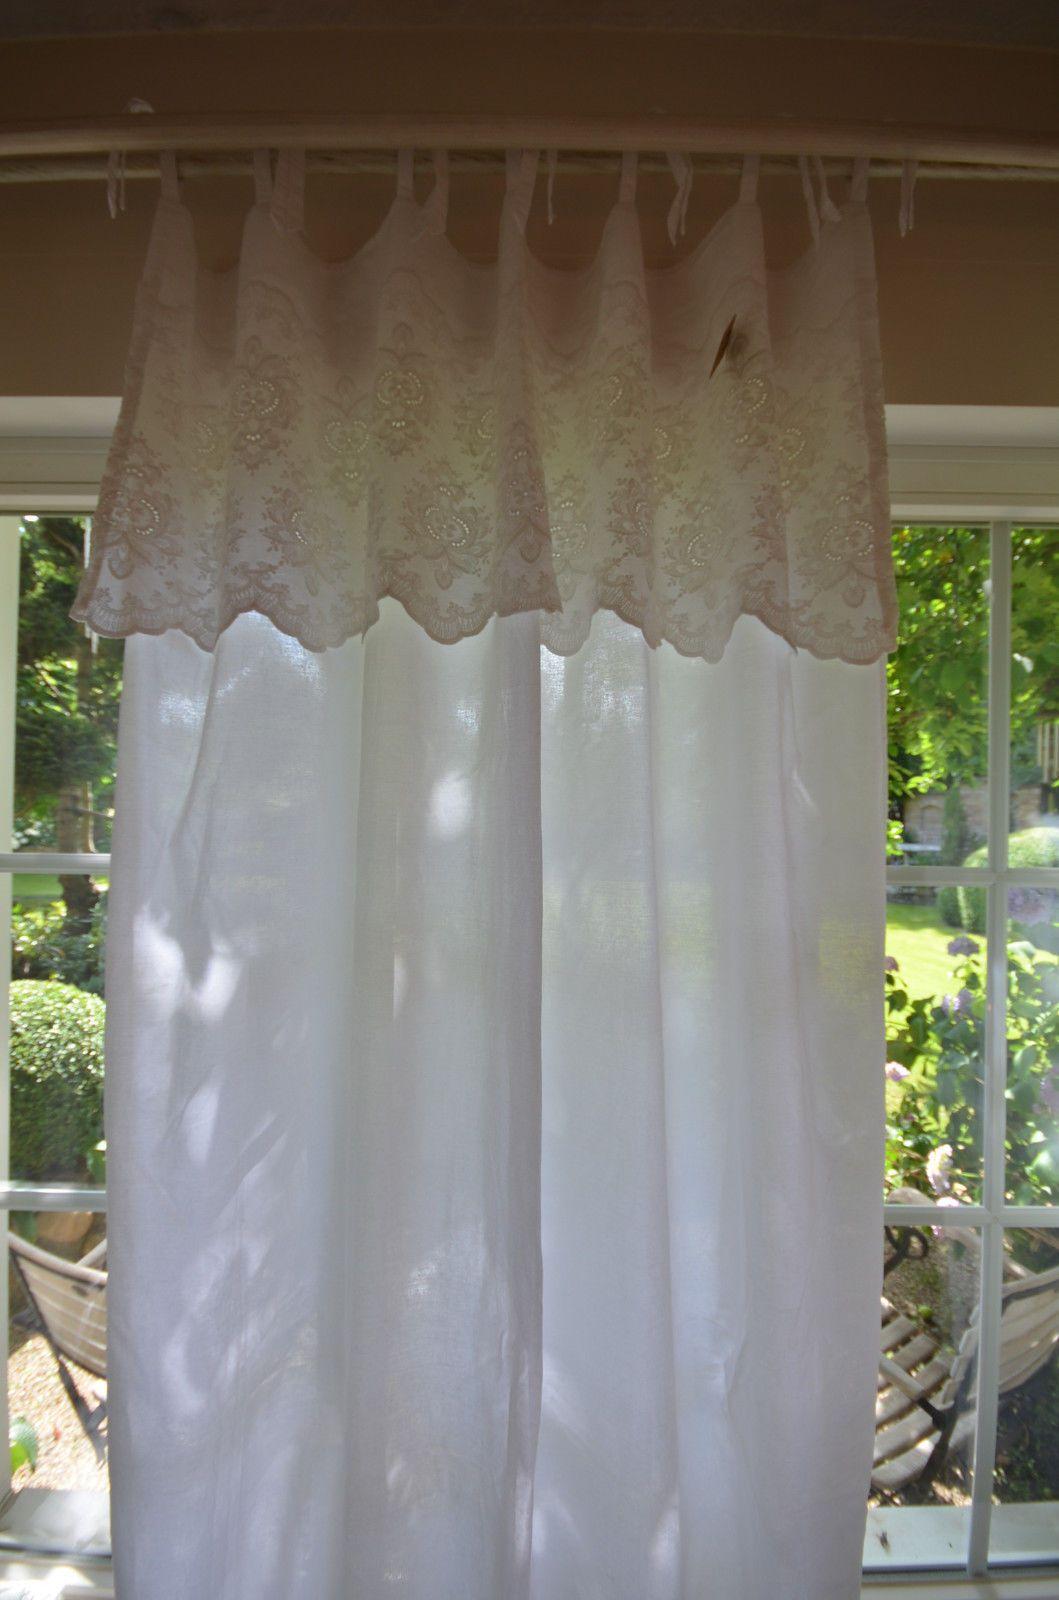 gardine vorhang wei 140 x 250 landhaus shabby chic vintage ebay gardinen in 2019 vorh nge. Black Bedroom Furniture Sets. Home Design Ideas